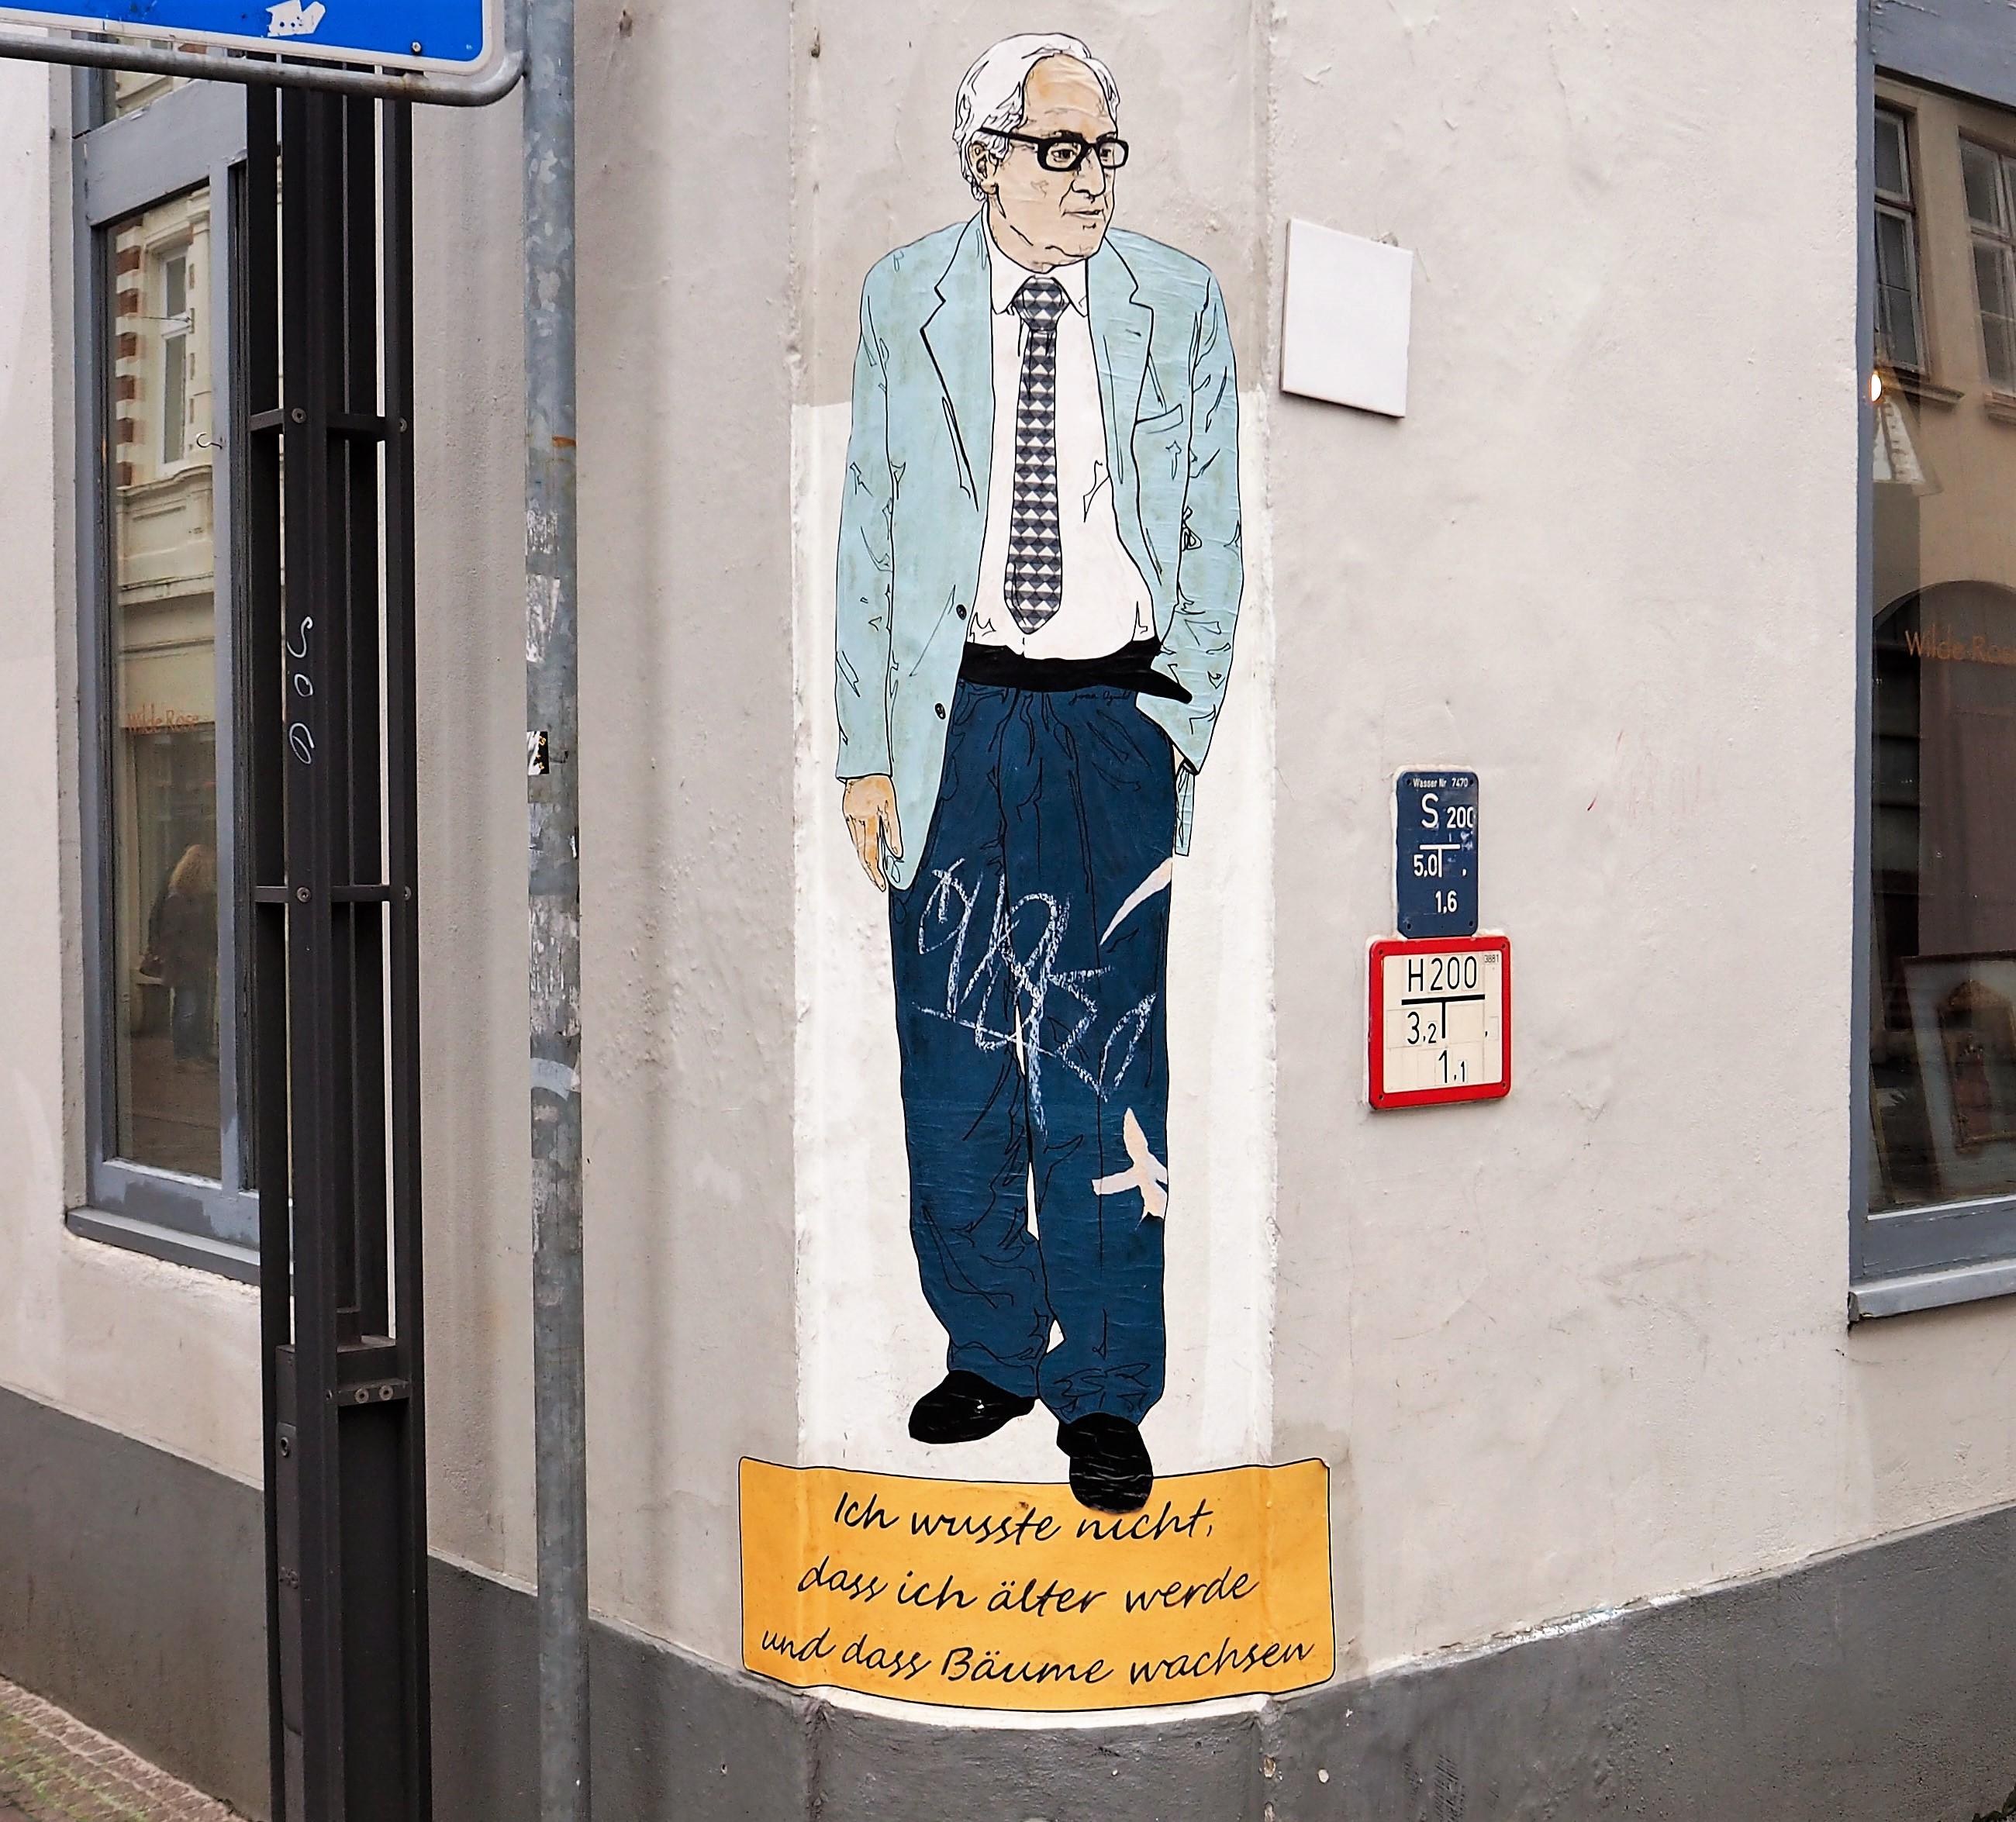 Das Stencil von Joan Augiló zeigt einen Mann in Lebensgröße an einer Strassenecke